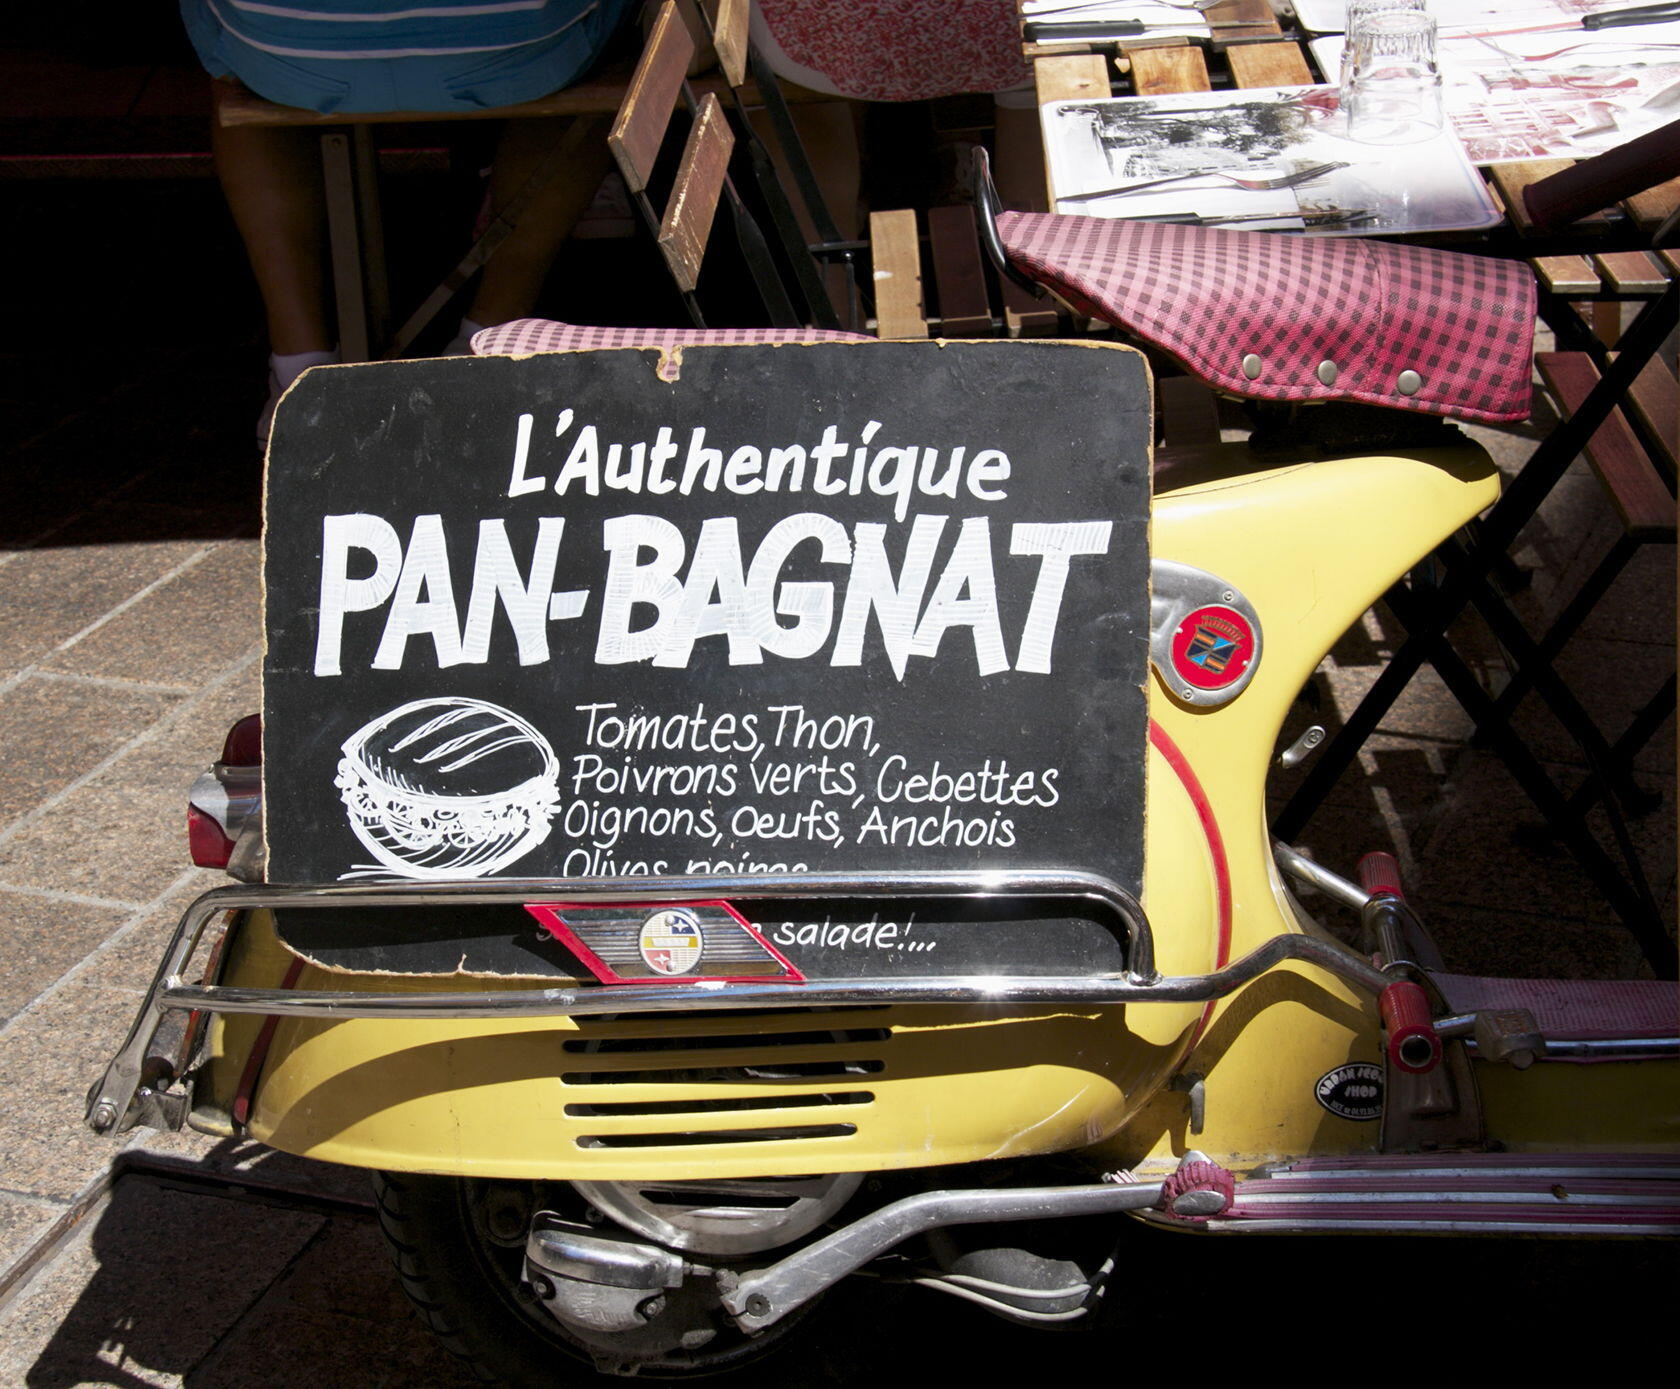 Pan Bagnat Nice Food Foodies Food Tour Nice Cote d'Azur